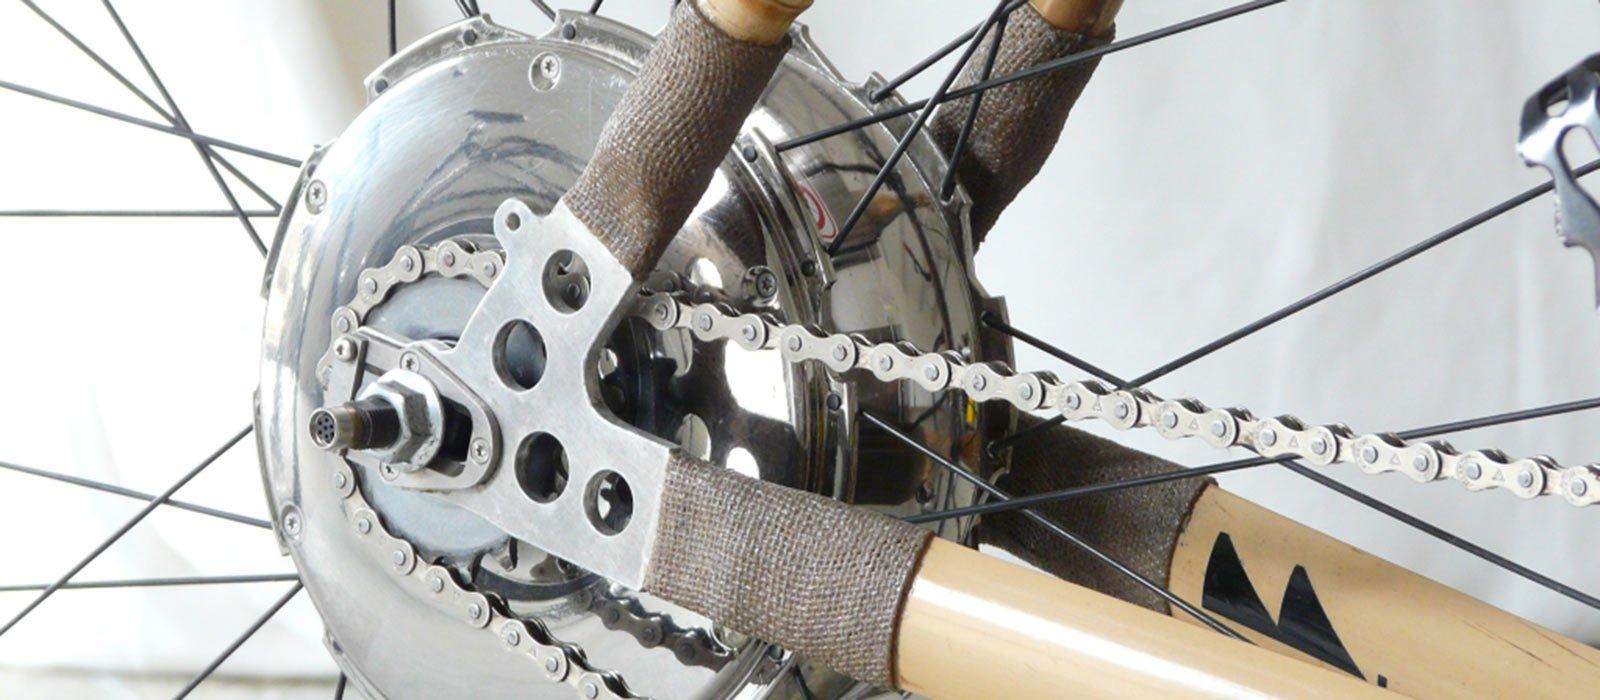 IMAG-E tour per e-bikes ed esposizione veicoli elettrici